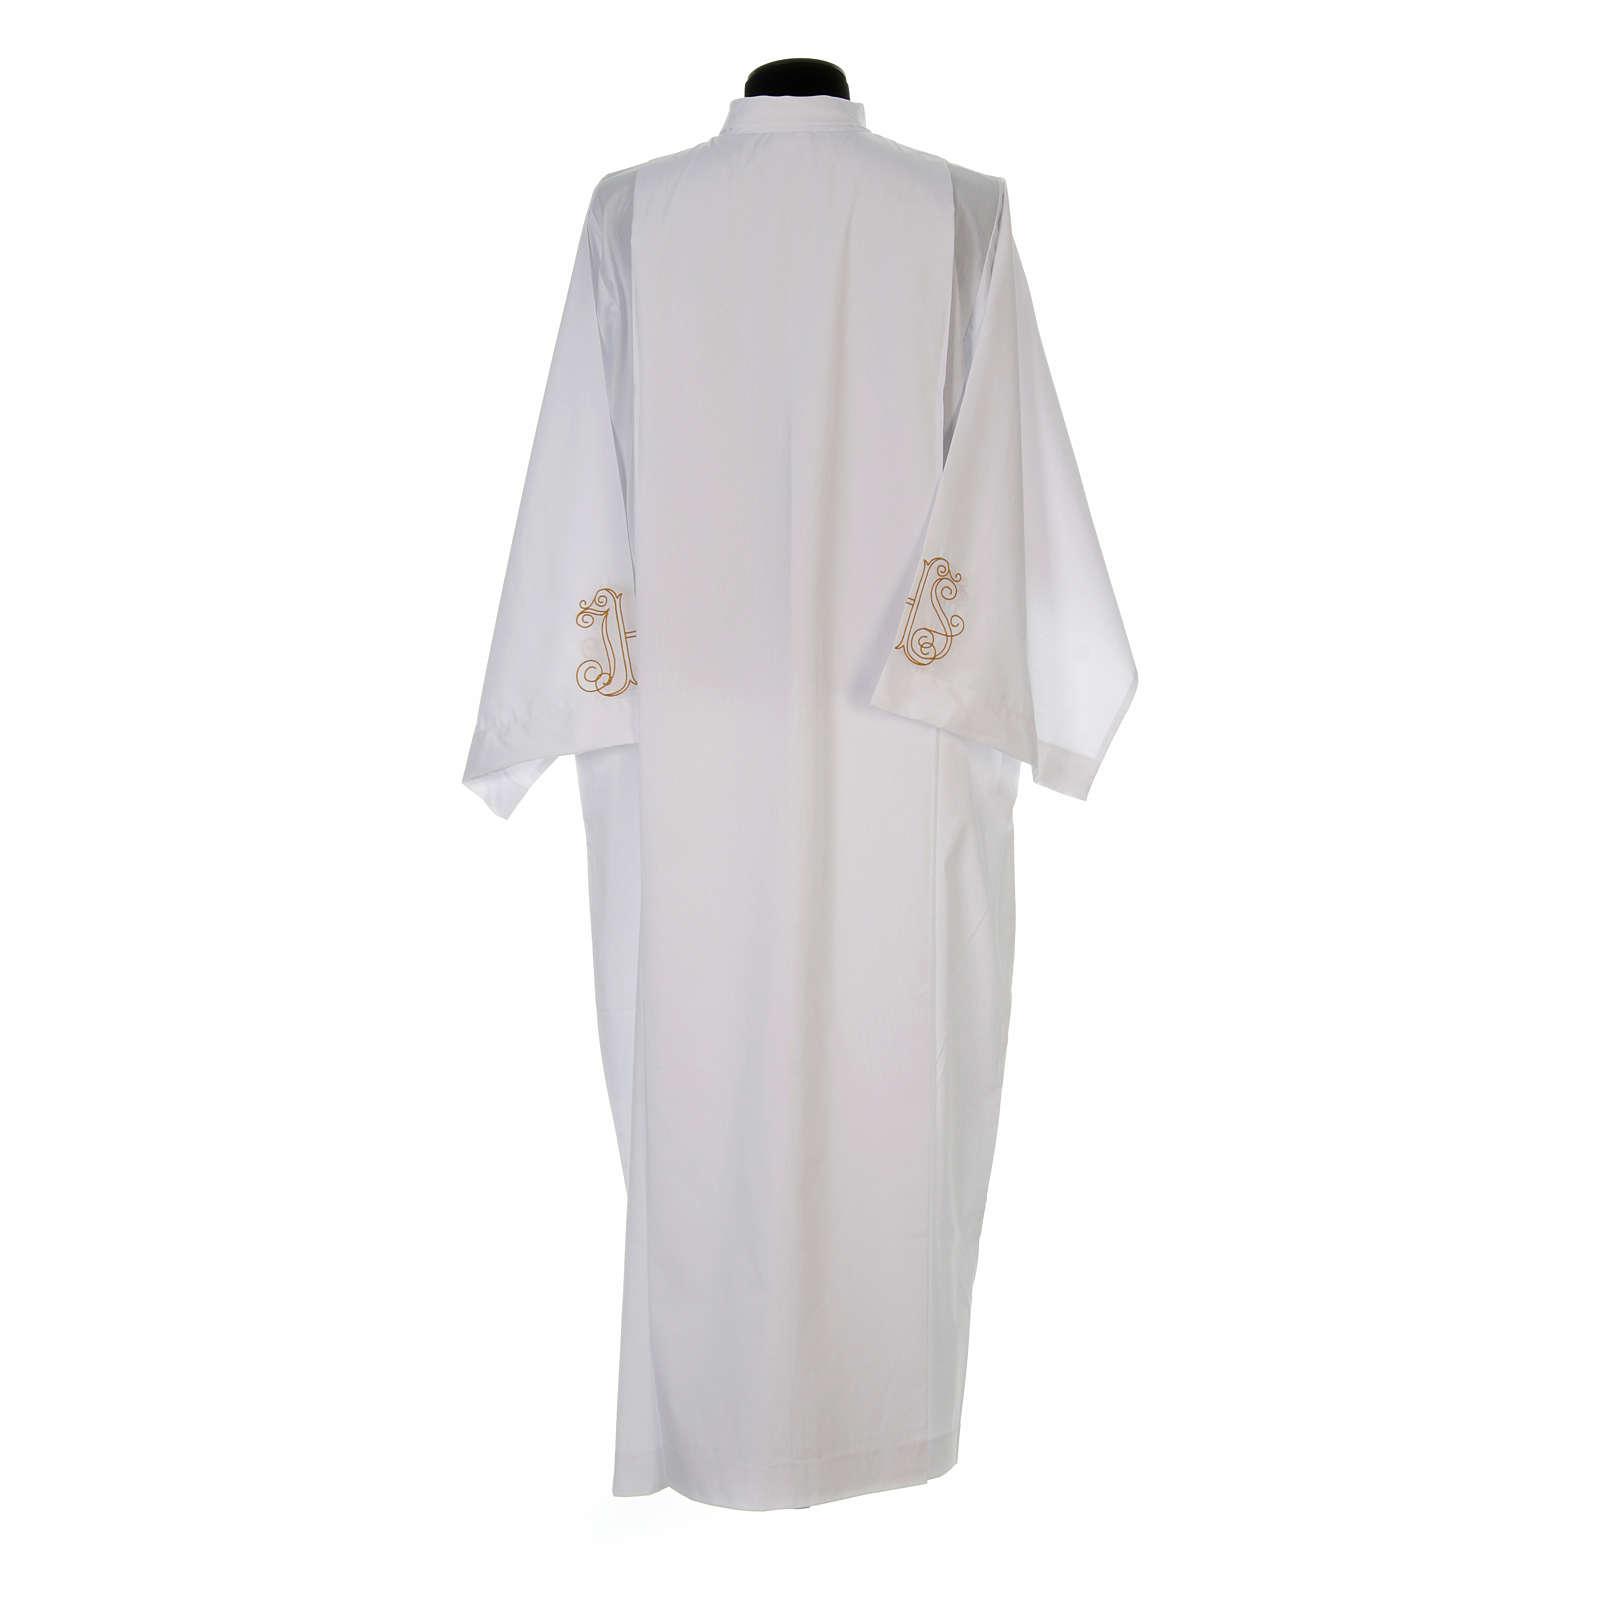 Aube blanche avec plis et broderie IHS coton mixte 4